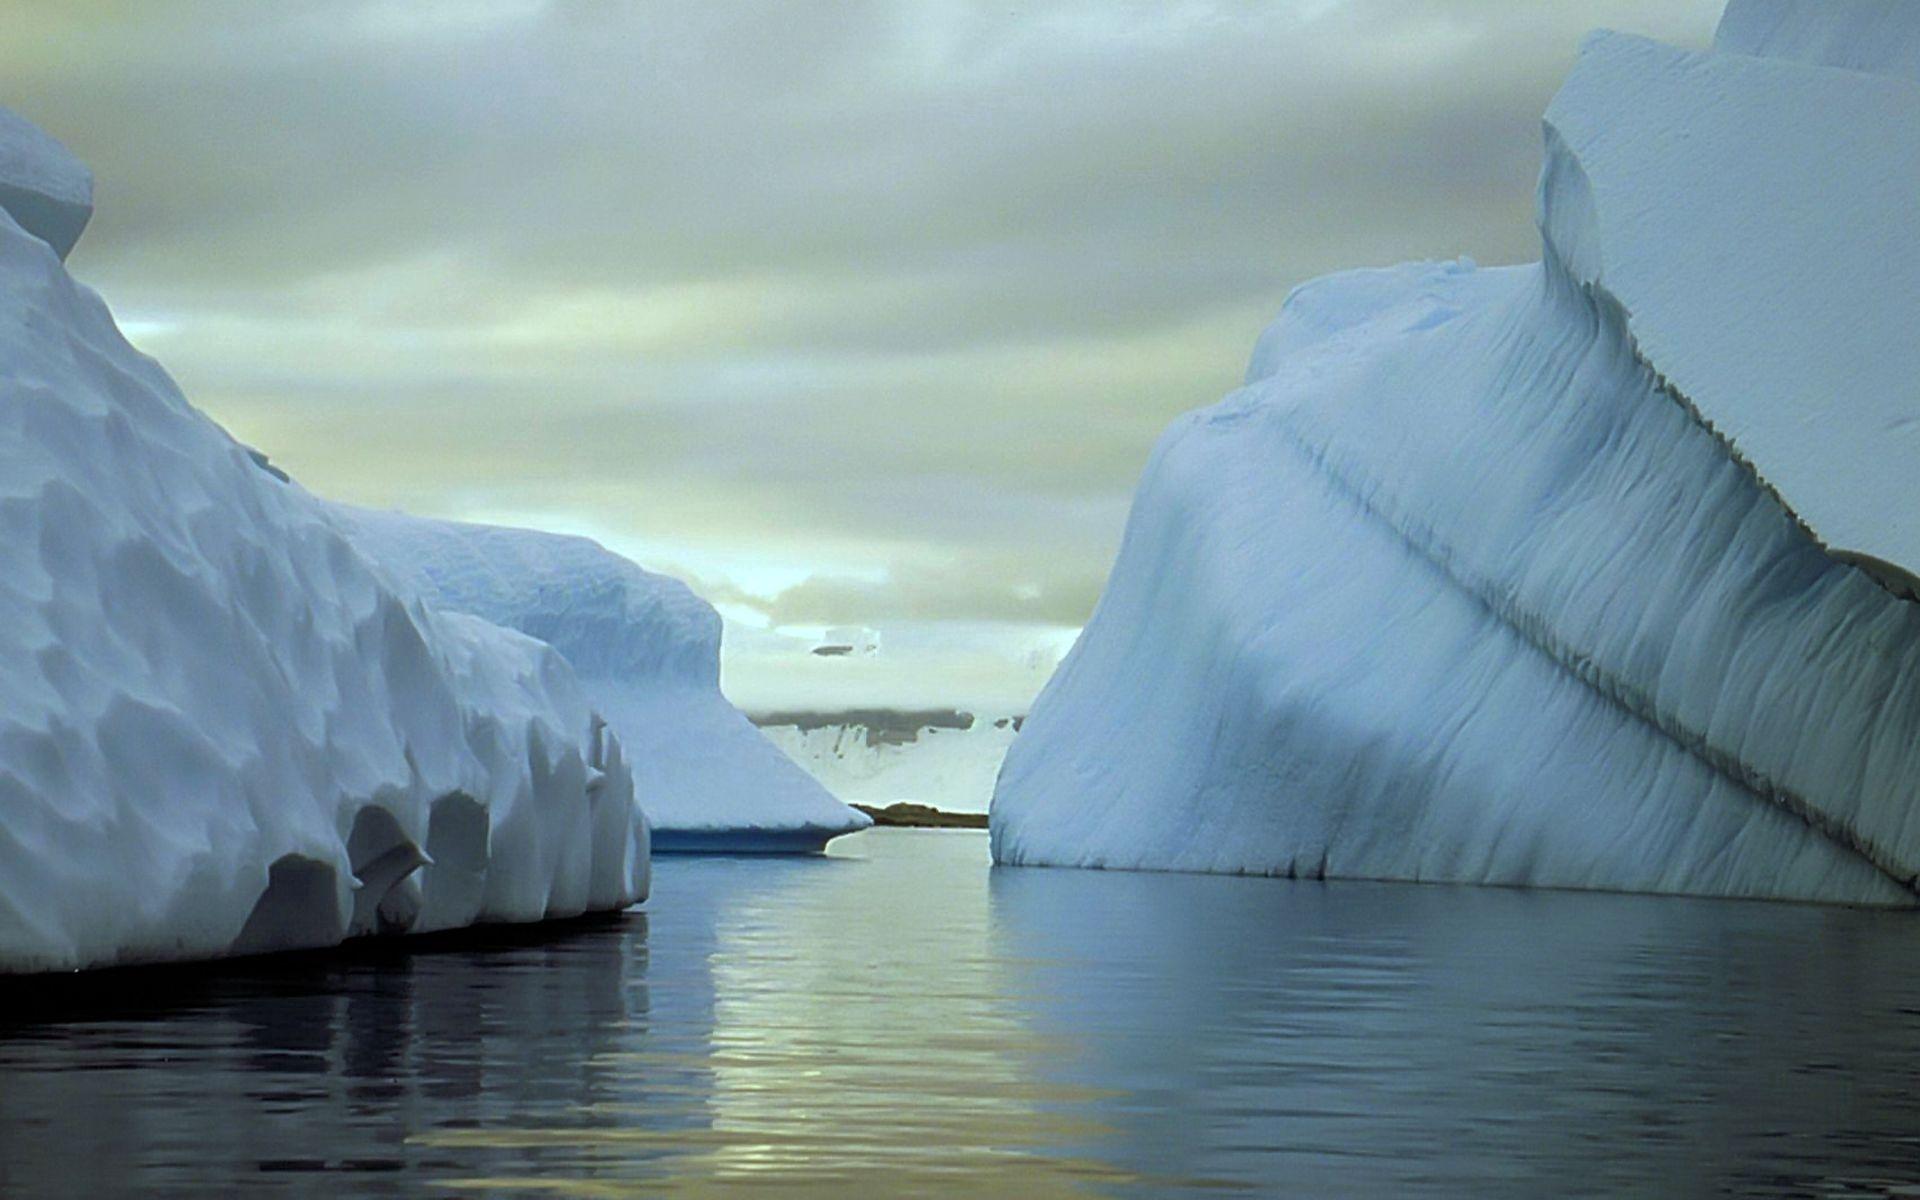 124314 скачать Белые обои на телефон бесплатно, Антарктида, Природа, Холод, Пустота, Глыбы, Айсберги, Безмолвие Белые картинки и заставки на мобильный